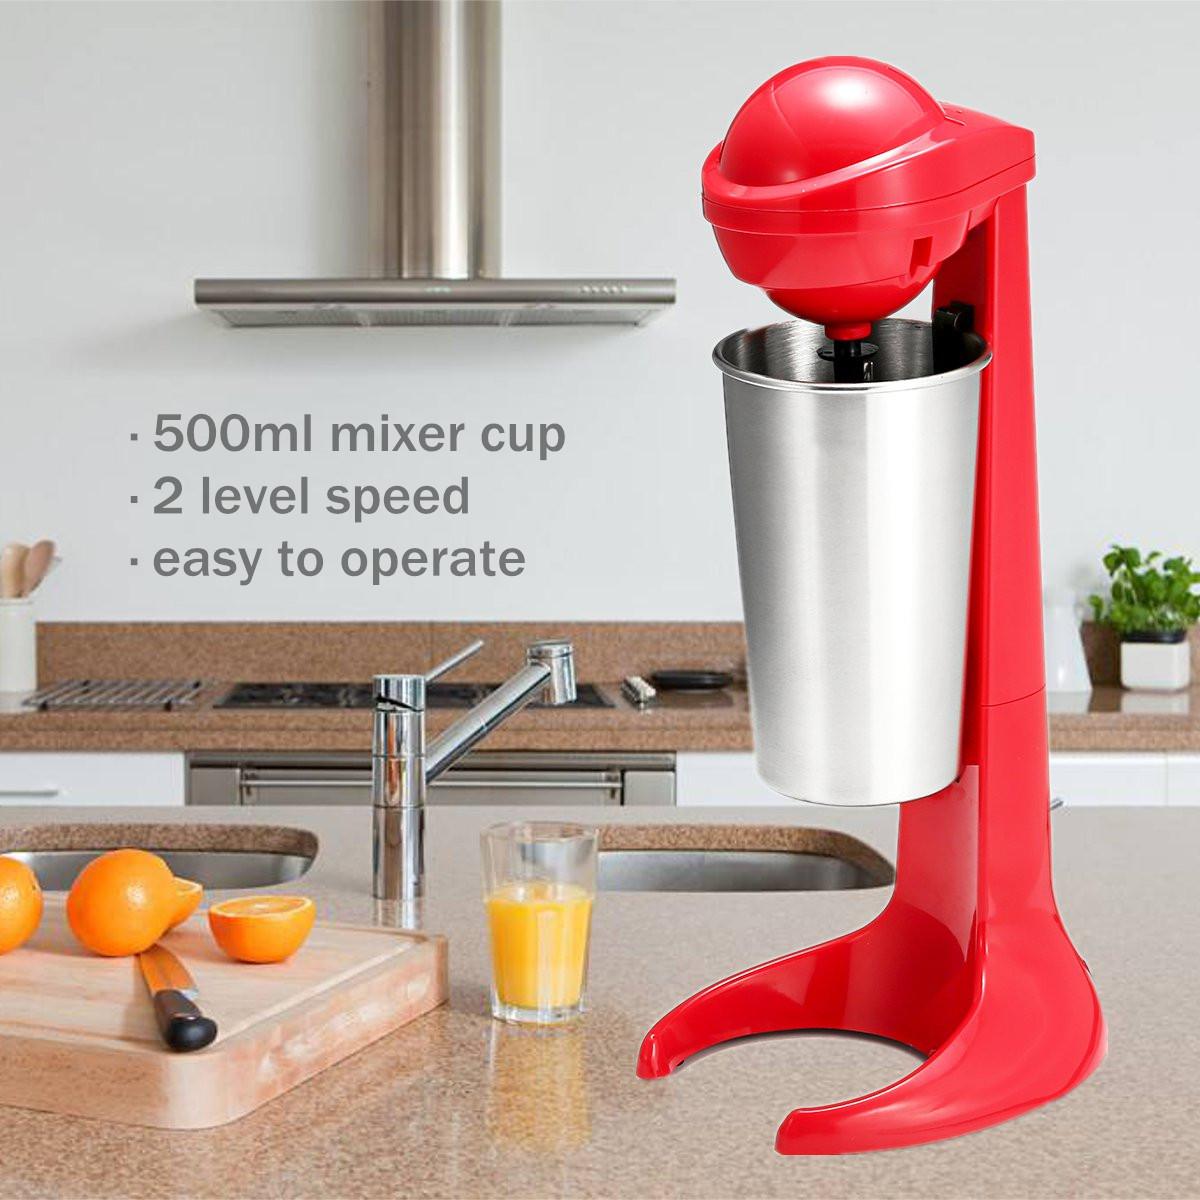 Commercial Foamer Mixer Milkshake Maker Machine Thickshake Frother Stainless Steel Milk Shake